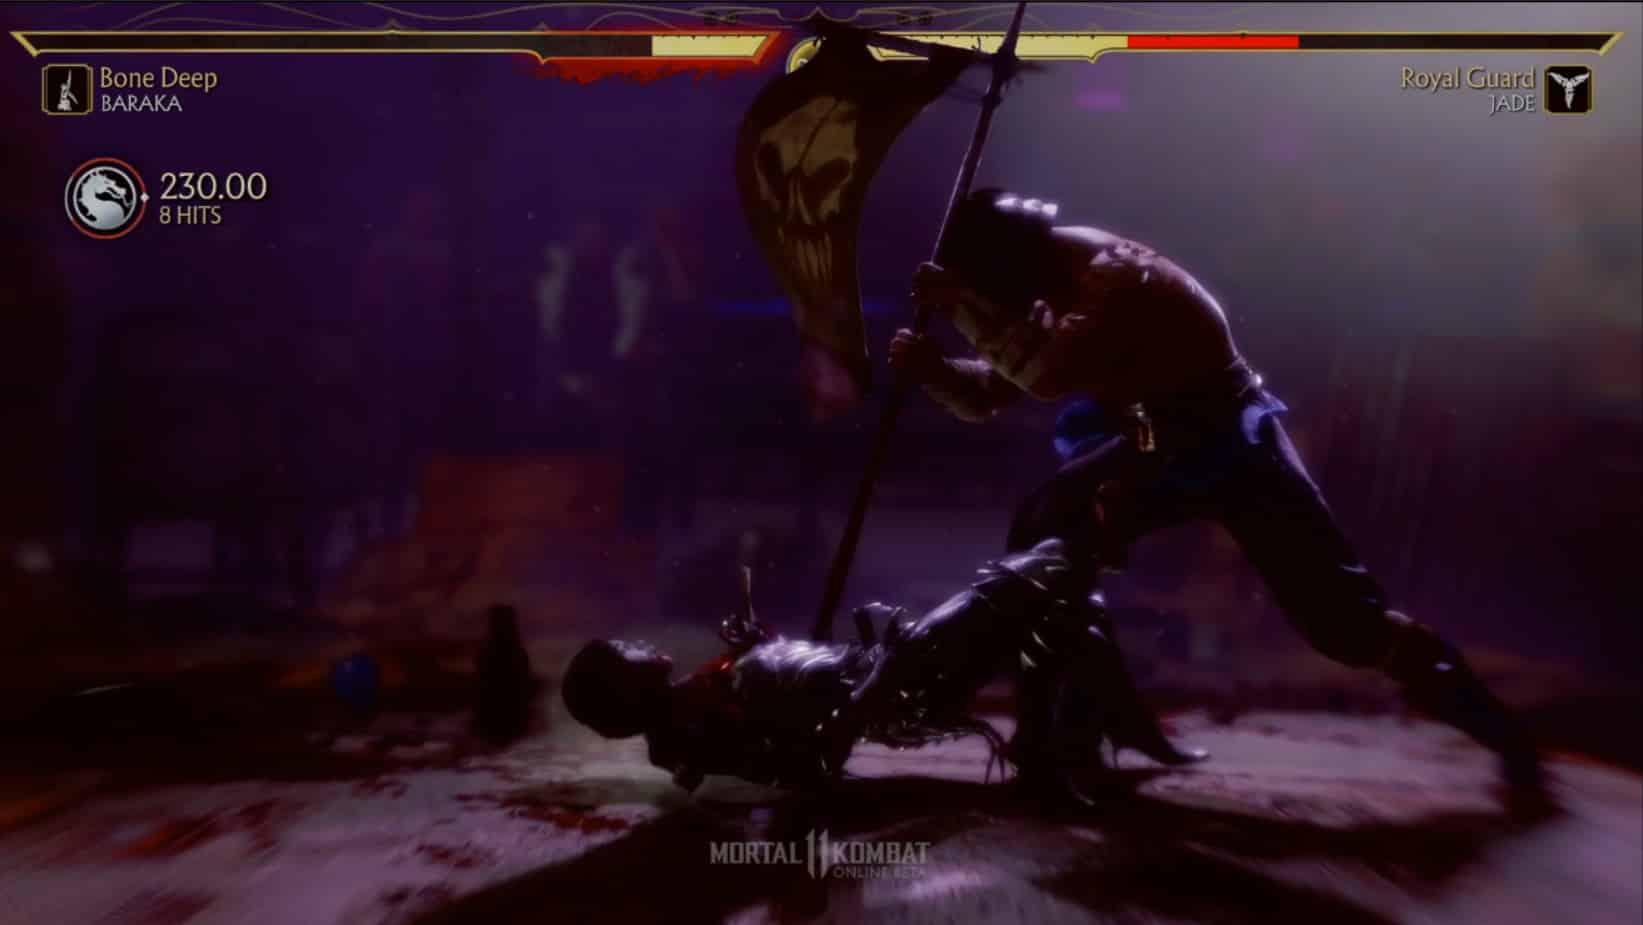 Mortal Kombat 11 beta preview